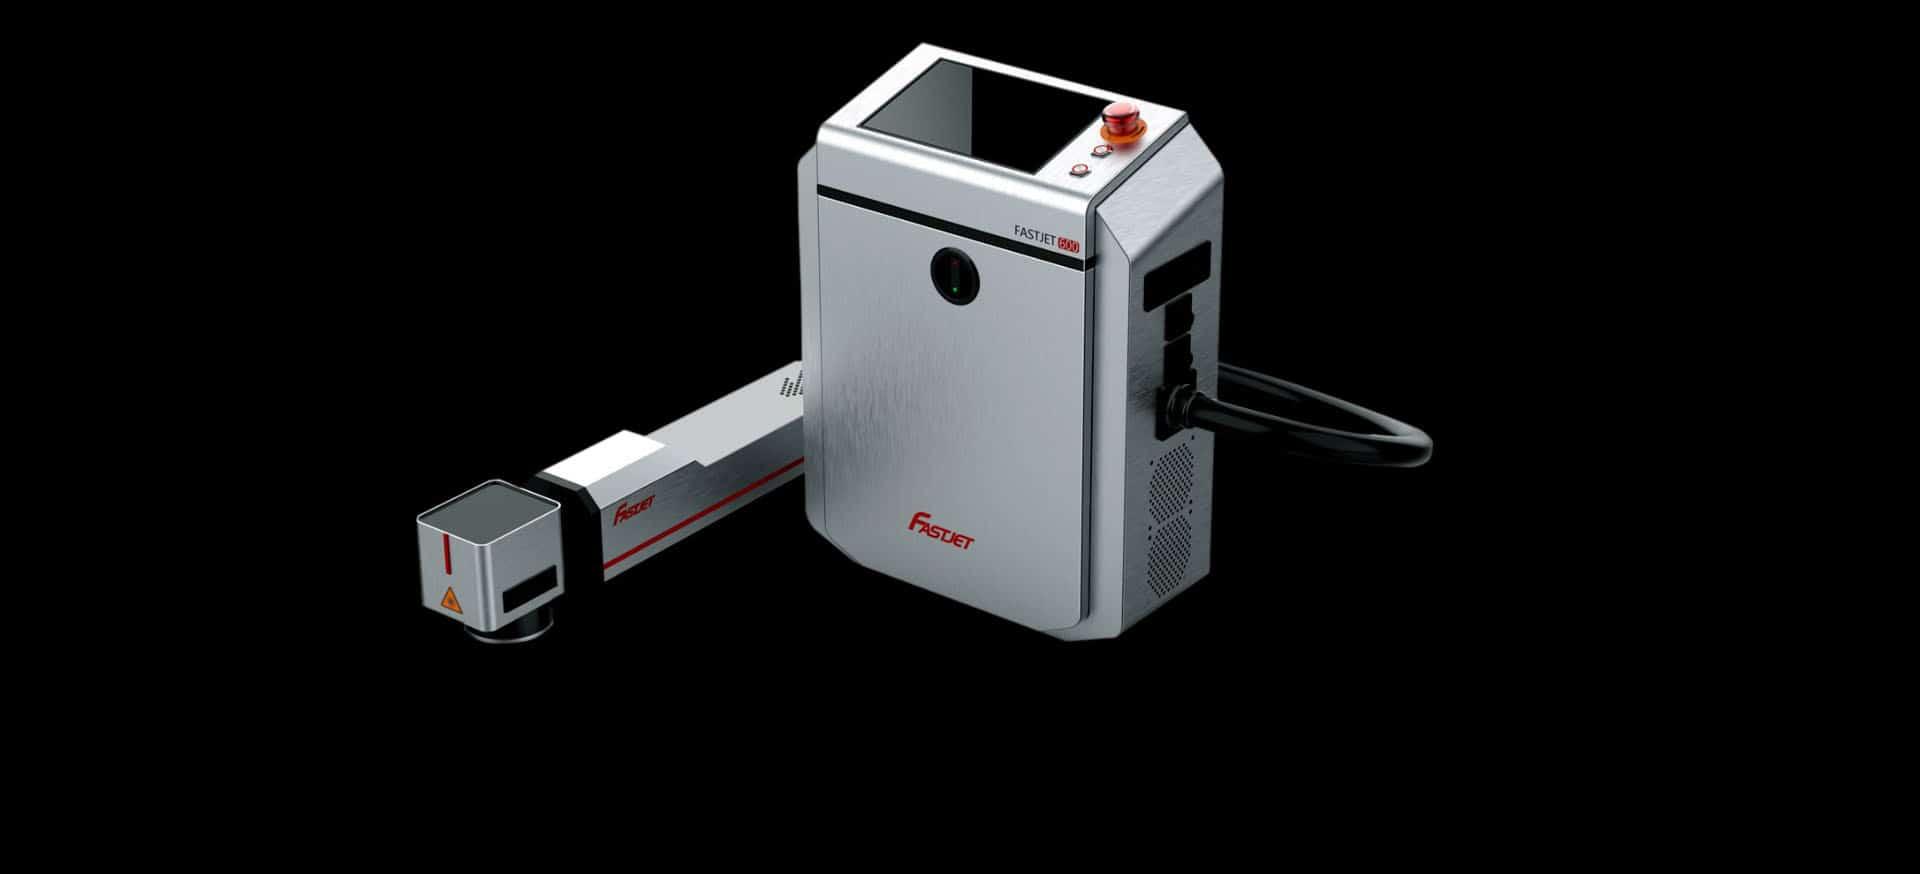 Лазерний маркувальник Fastjet F8200 загальний вигляд